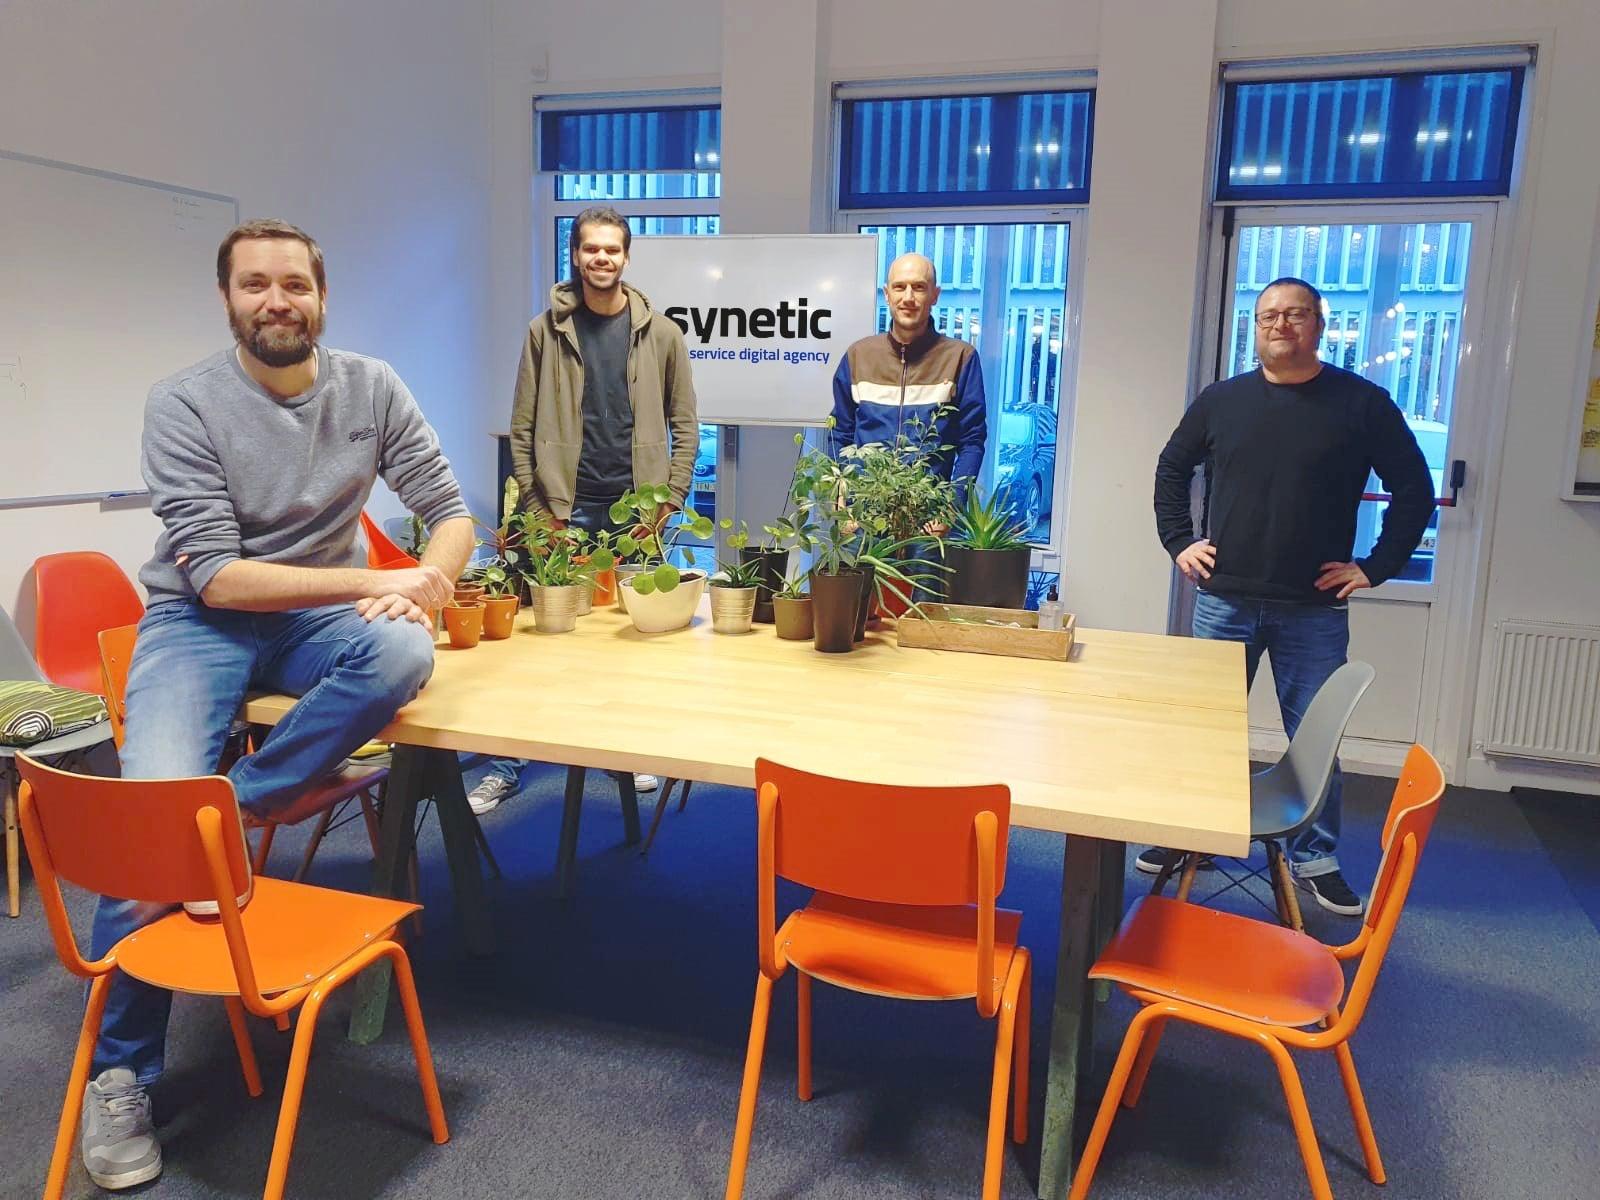 Foto van vier nieuwe medewerkers bij Synetic: Robin Speekenbrink, Robin van der Molen, Tim de Koning en Aubrey Hewes